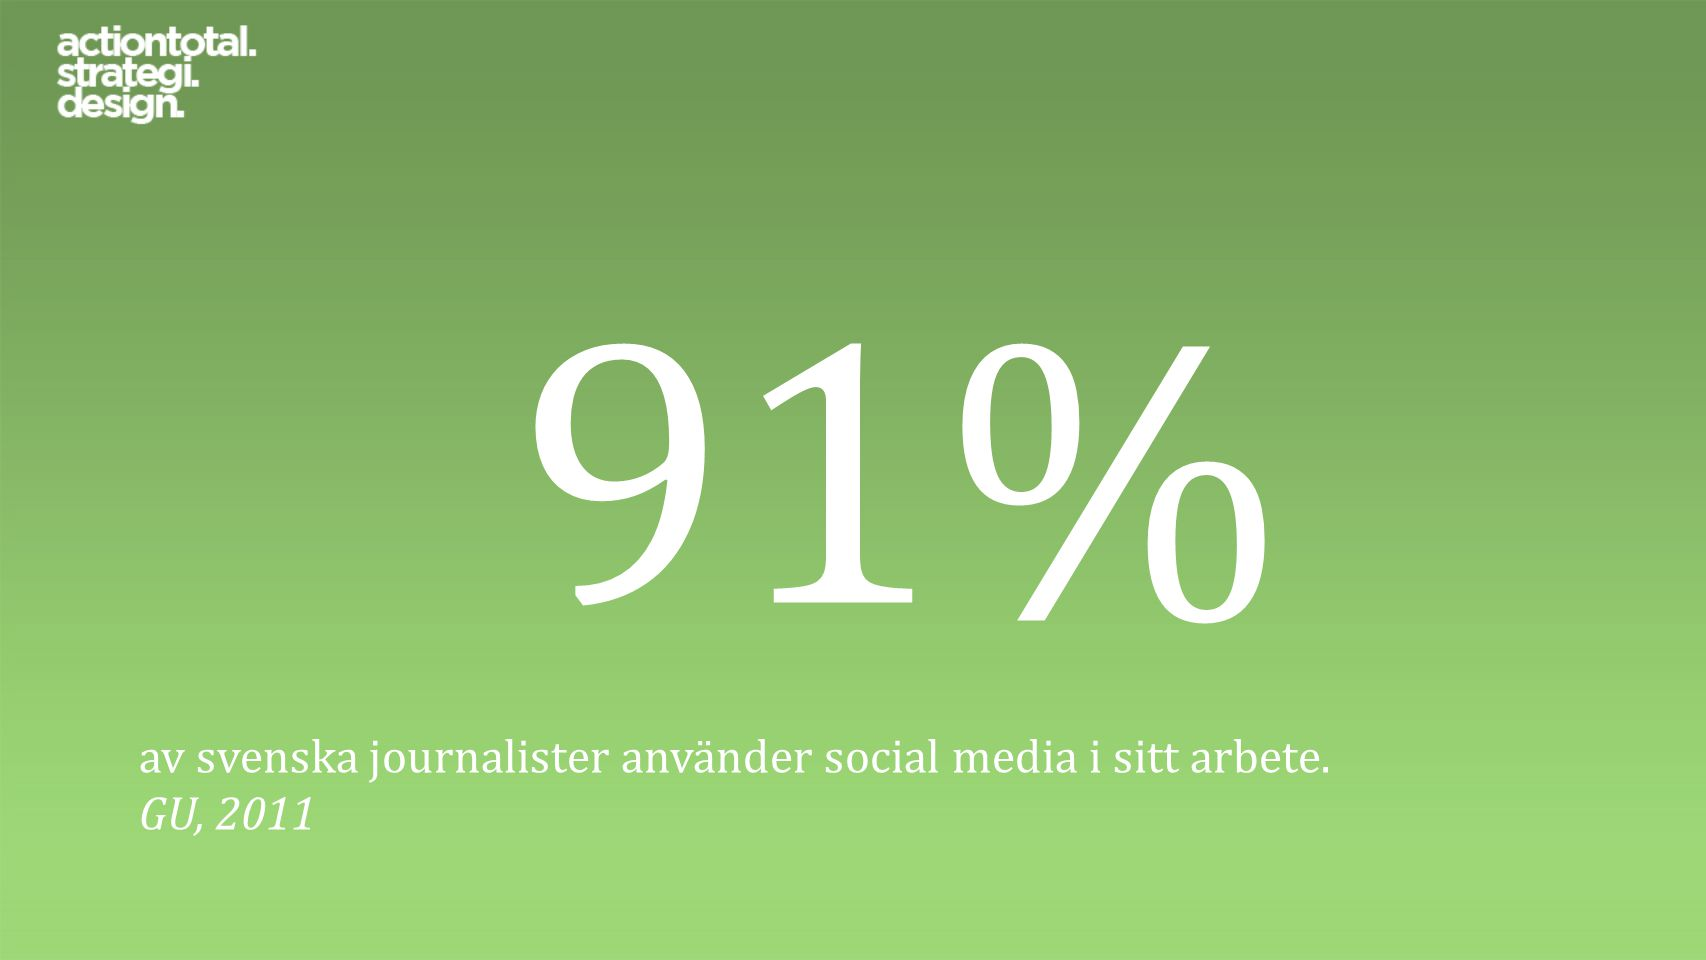 71% av svenska journalister använder social media för att få idéer och uppslag till nya reportage.